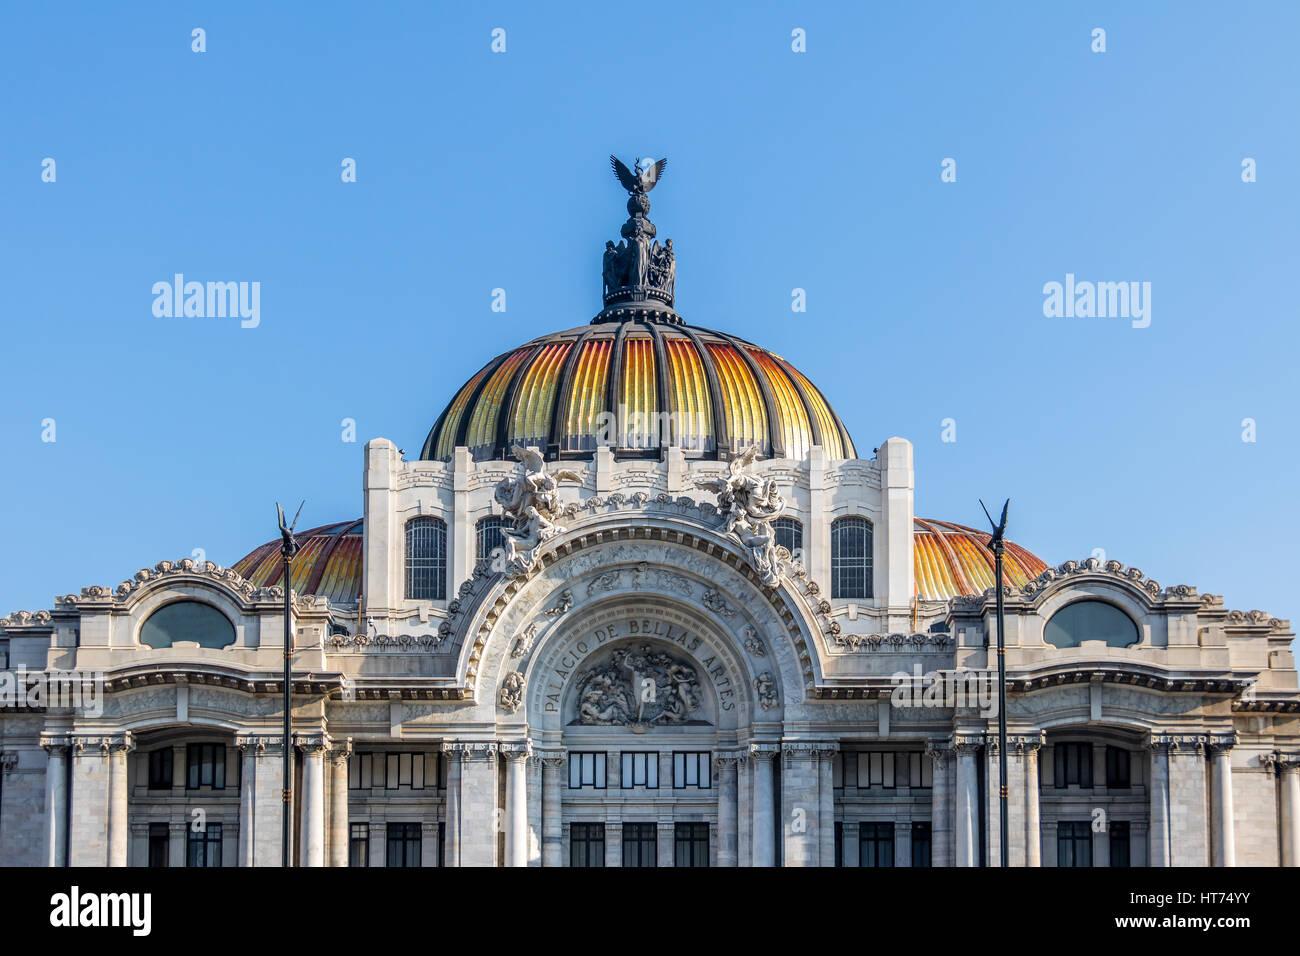 Palacio de Bellas Artes (Palazzo delle Belle Arti) - Città del Messico, Messico Immagini Stock